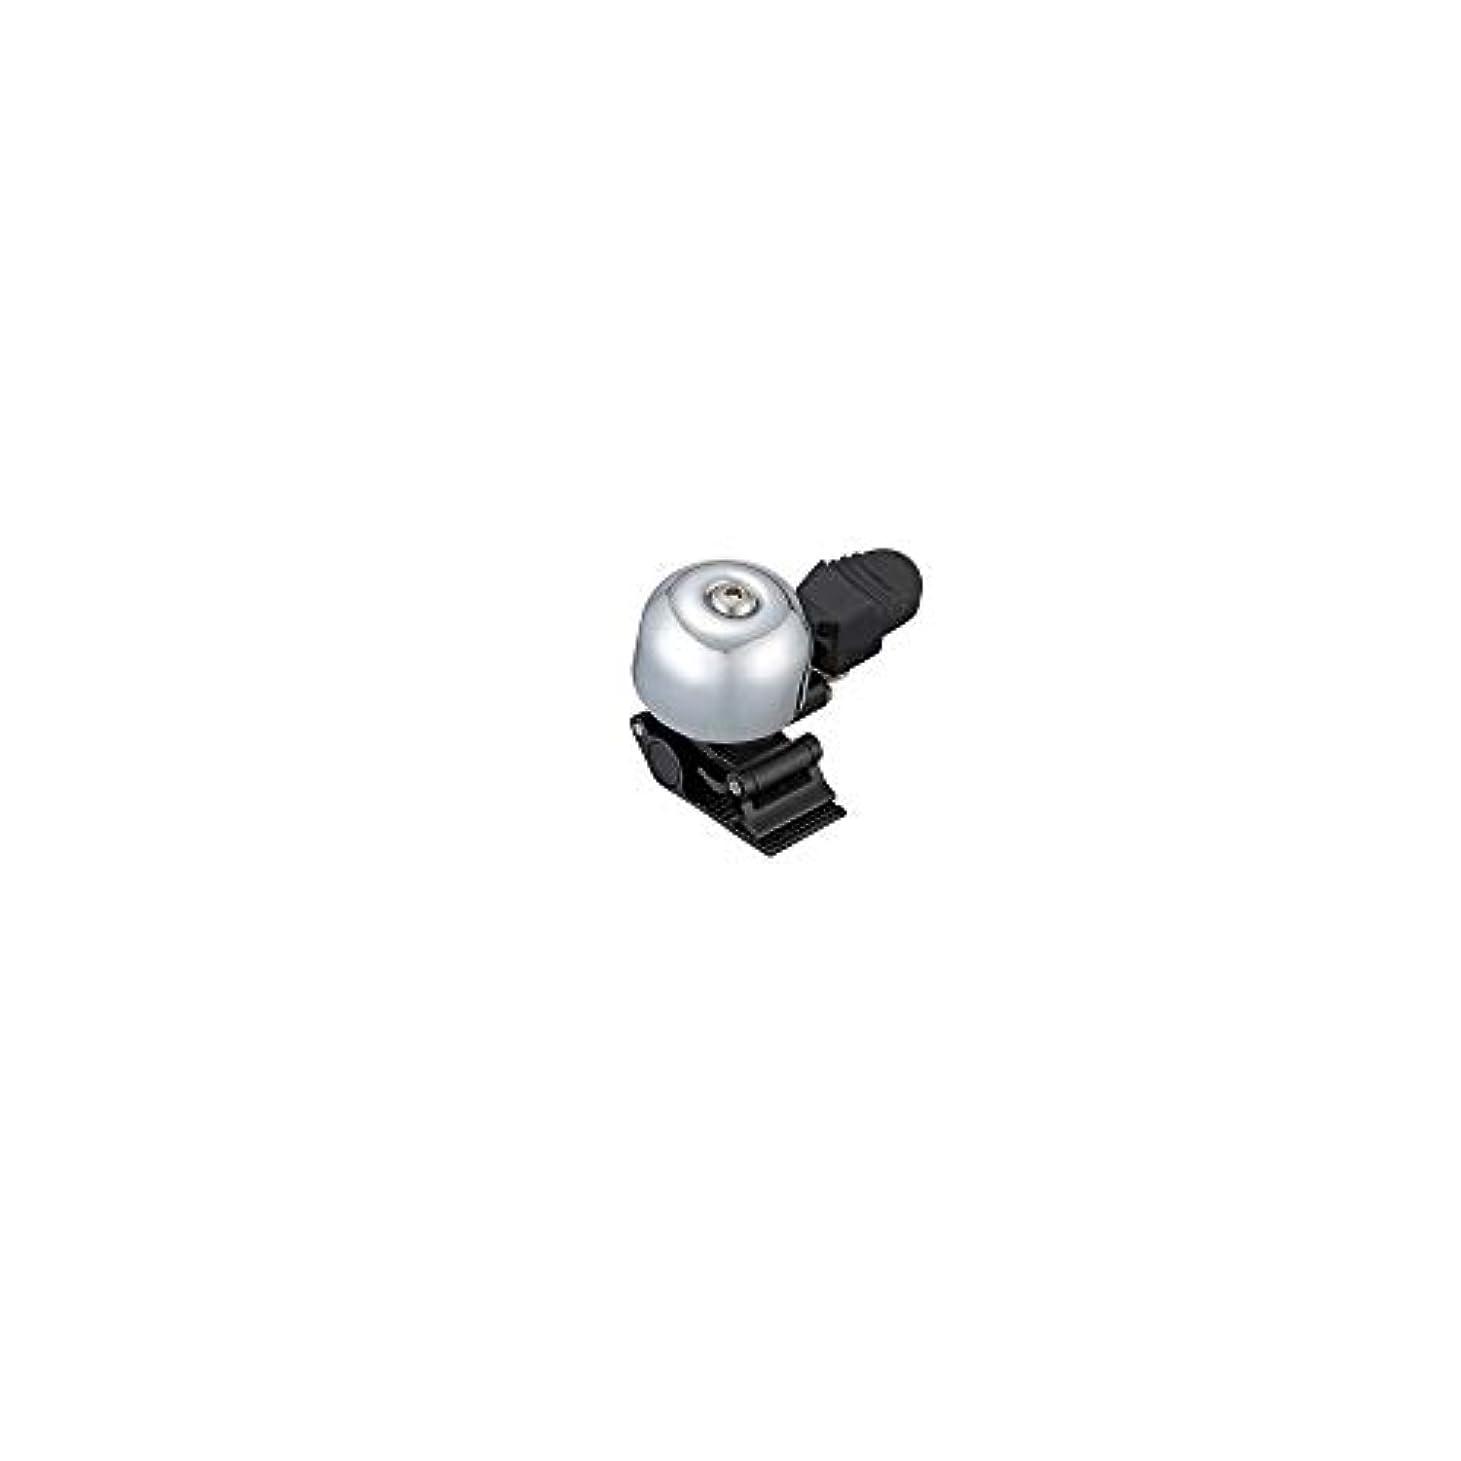 陪審フェロー諸島ほこりっぽいGUEE(グイー) B カッパー ベル シルバー OT-GU-009